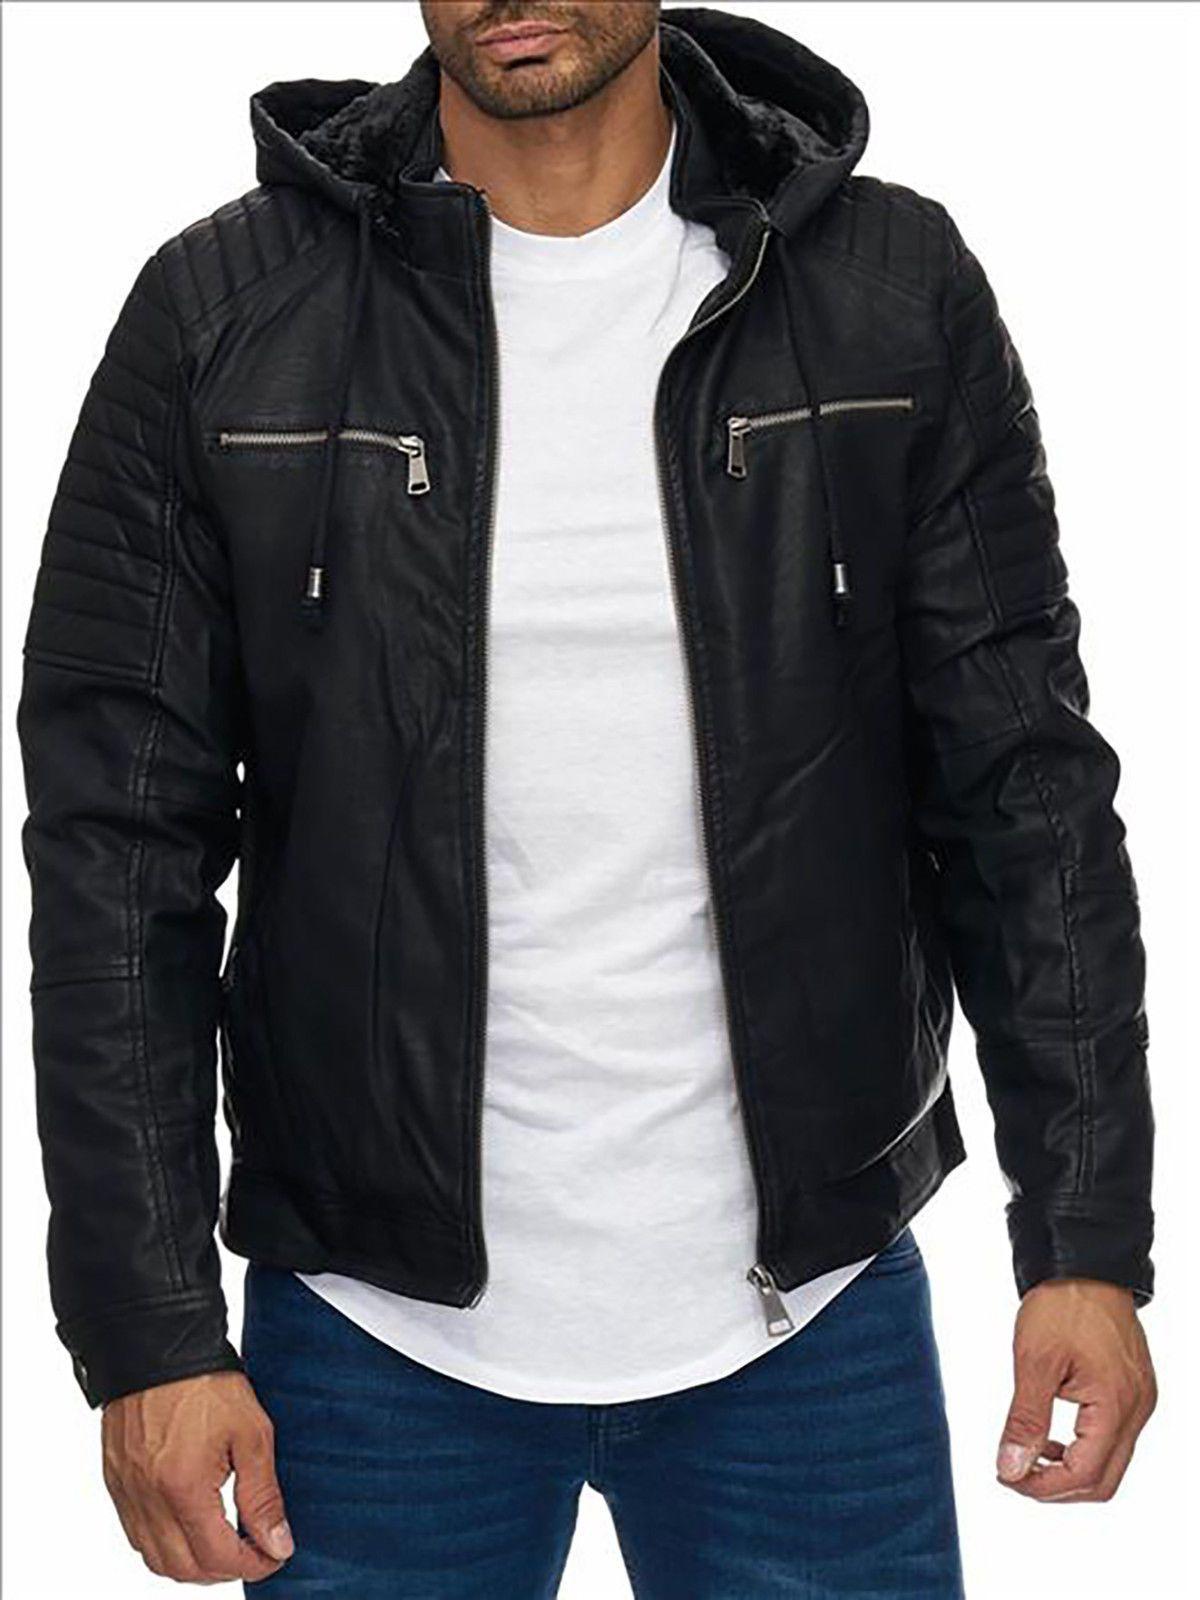 Mens Biker Jacket PU Leather Faux Fur lined warm winter